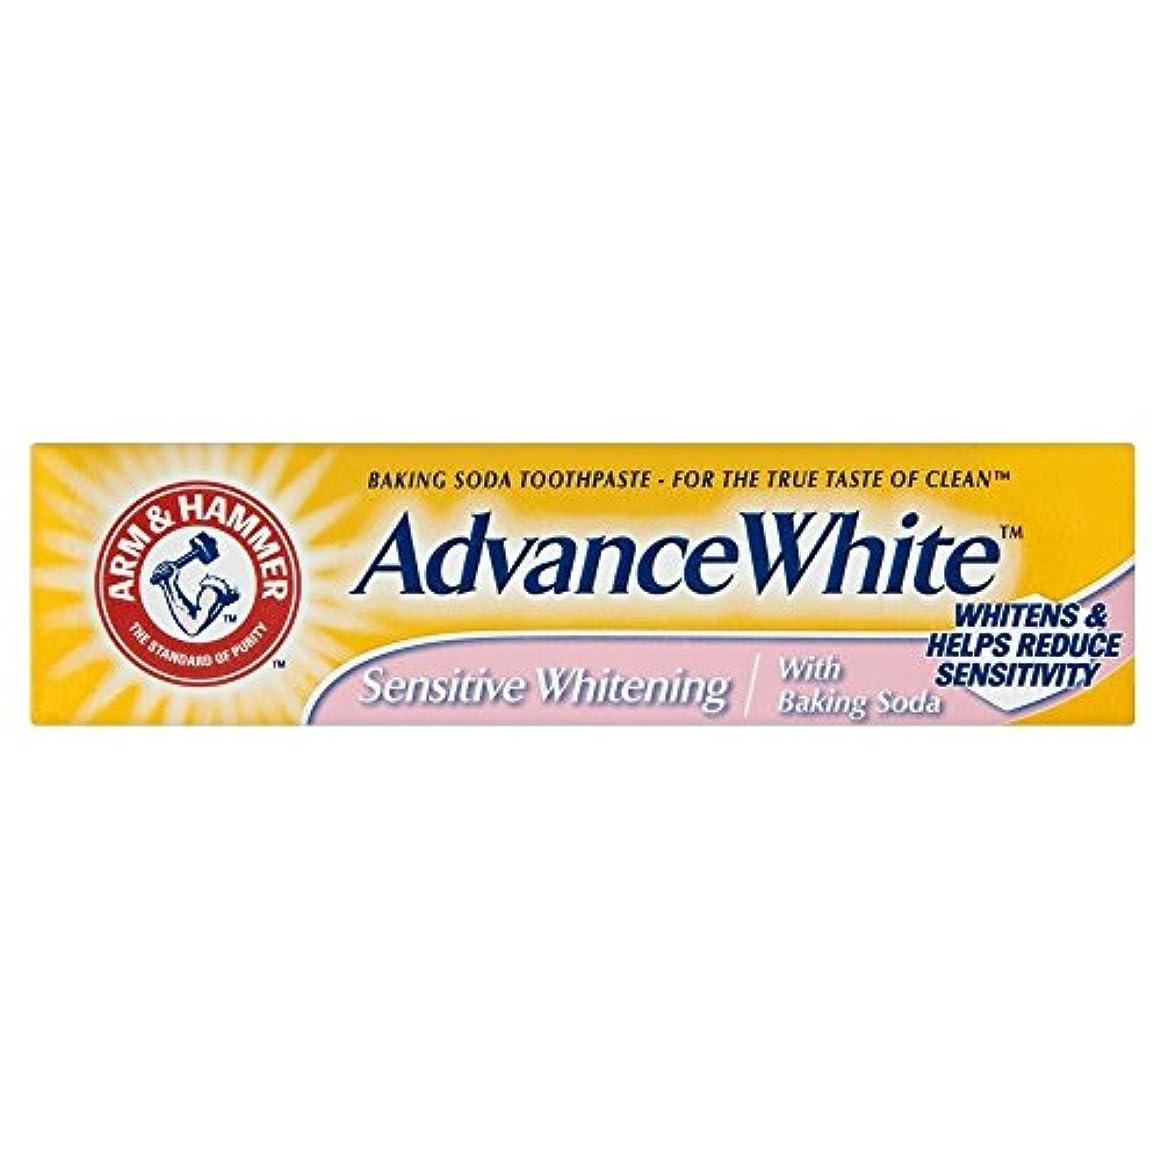 冗談で国籍レッドデートArm & Hammer Advanced White Sensitive Toothpaste (75ml) アームとハンマー高度な白敏感歯磨き粉( 75ミリリットル) [並行輸入品]